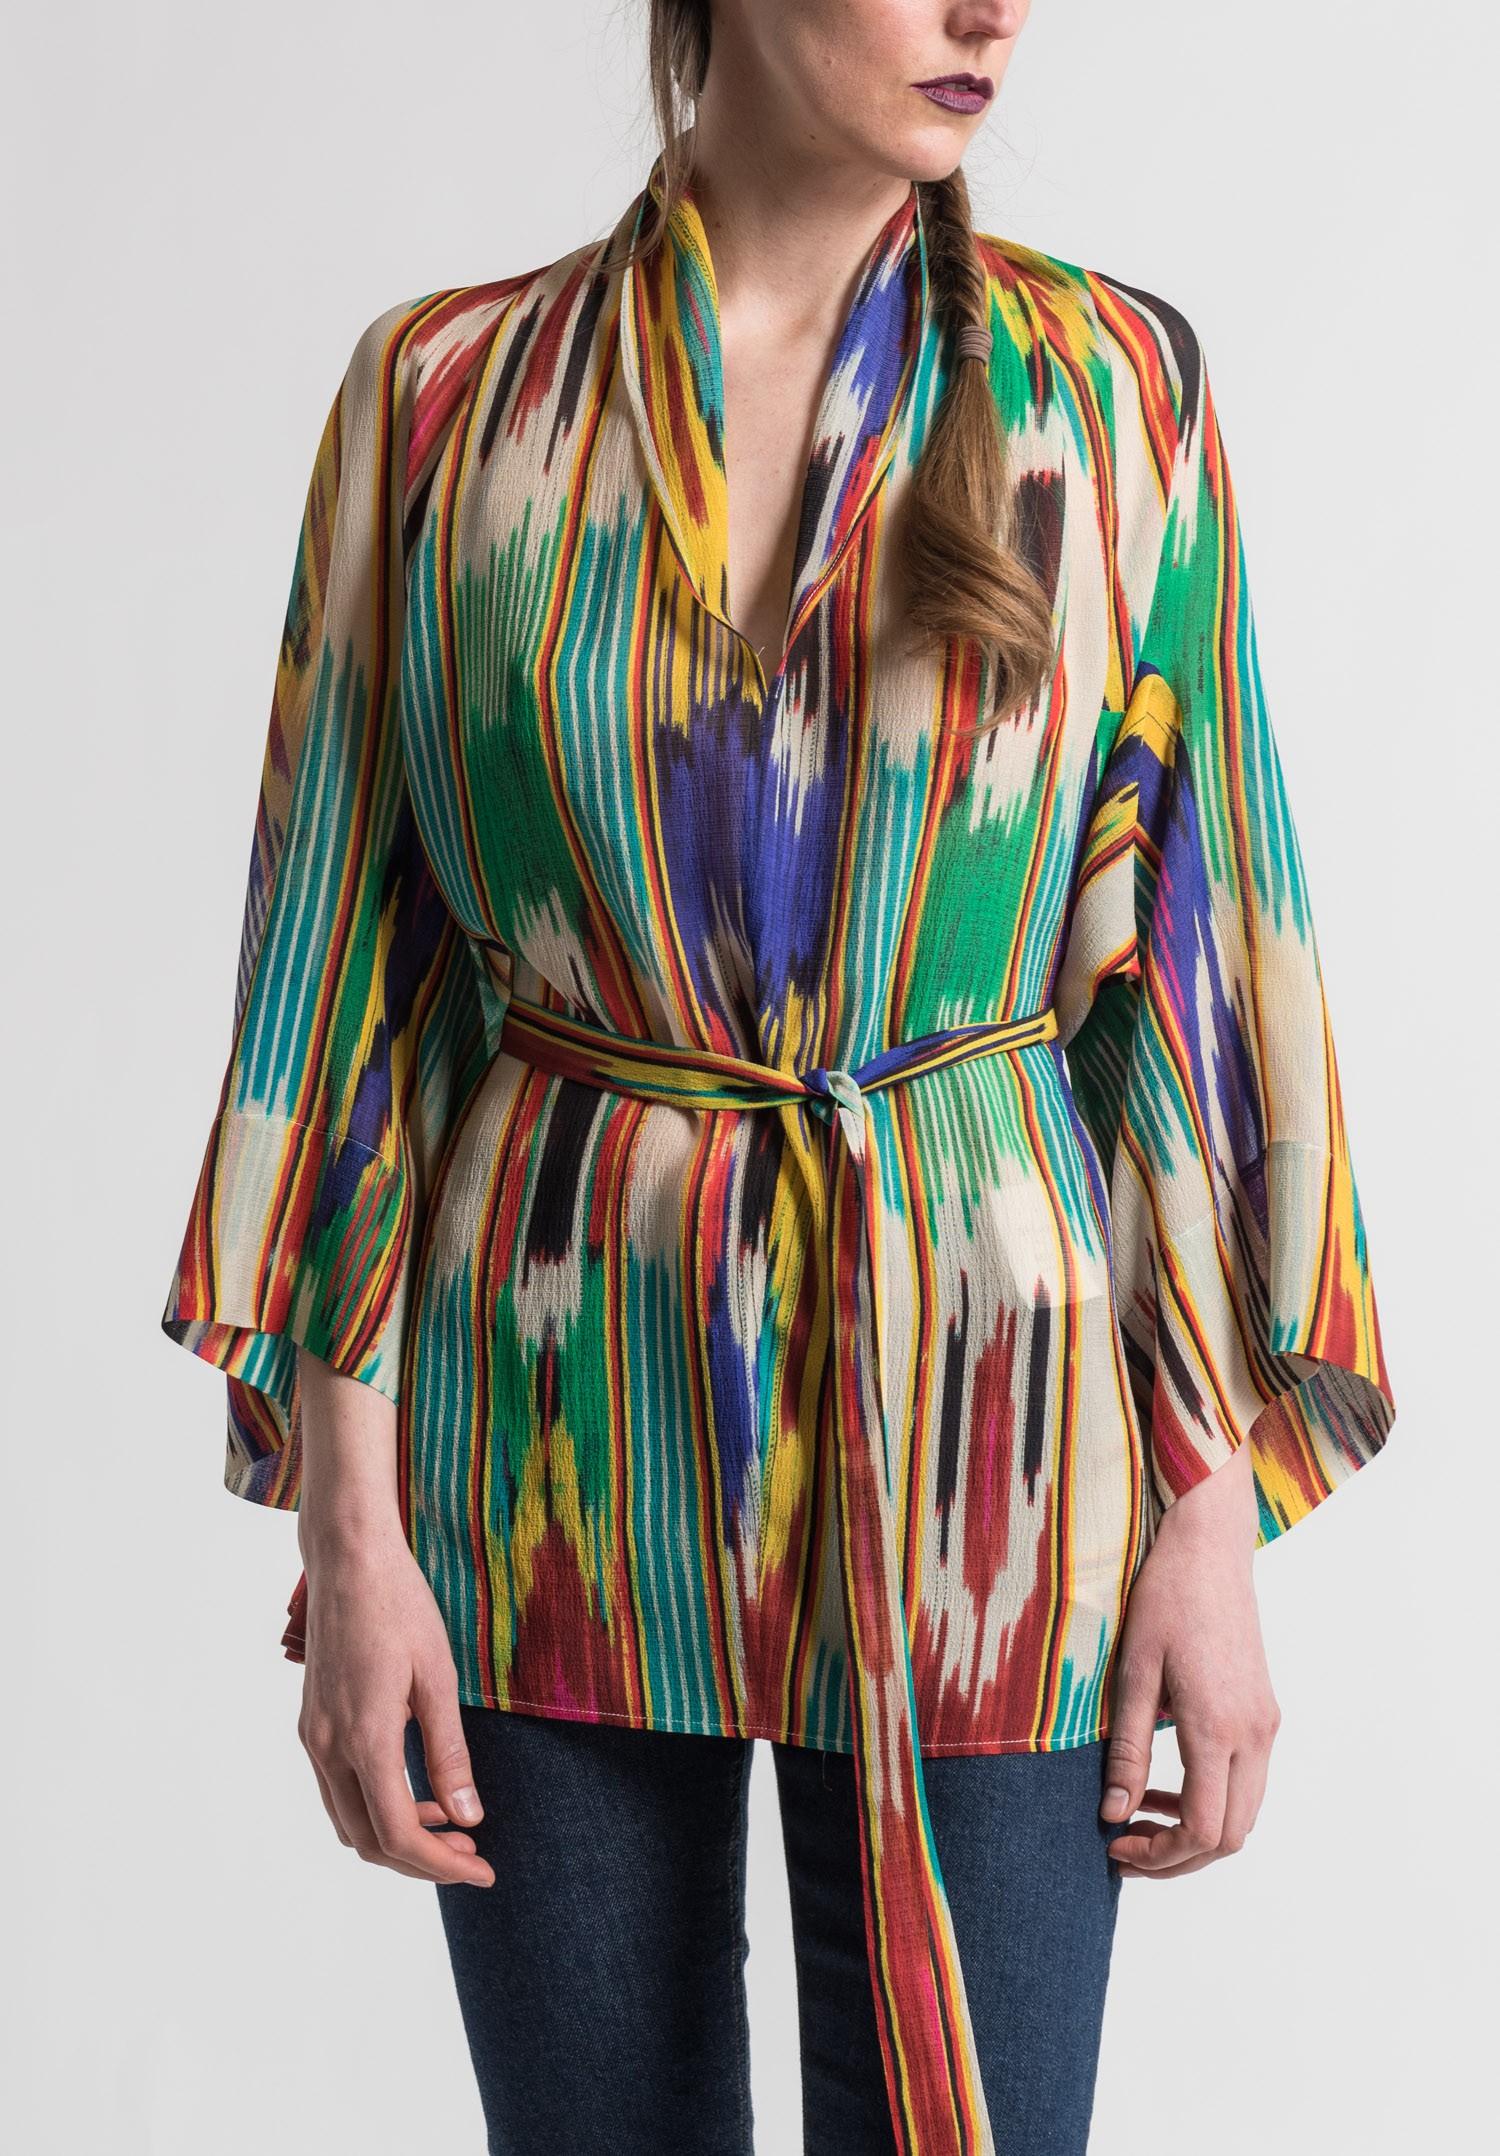 Etro Sheer Silk Ikat Print Top In Multi Santa Fe Dry